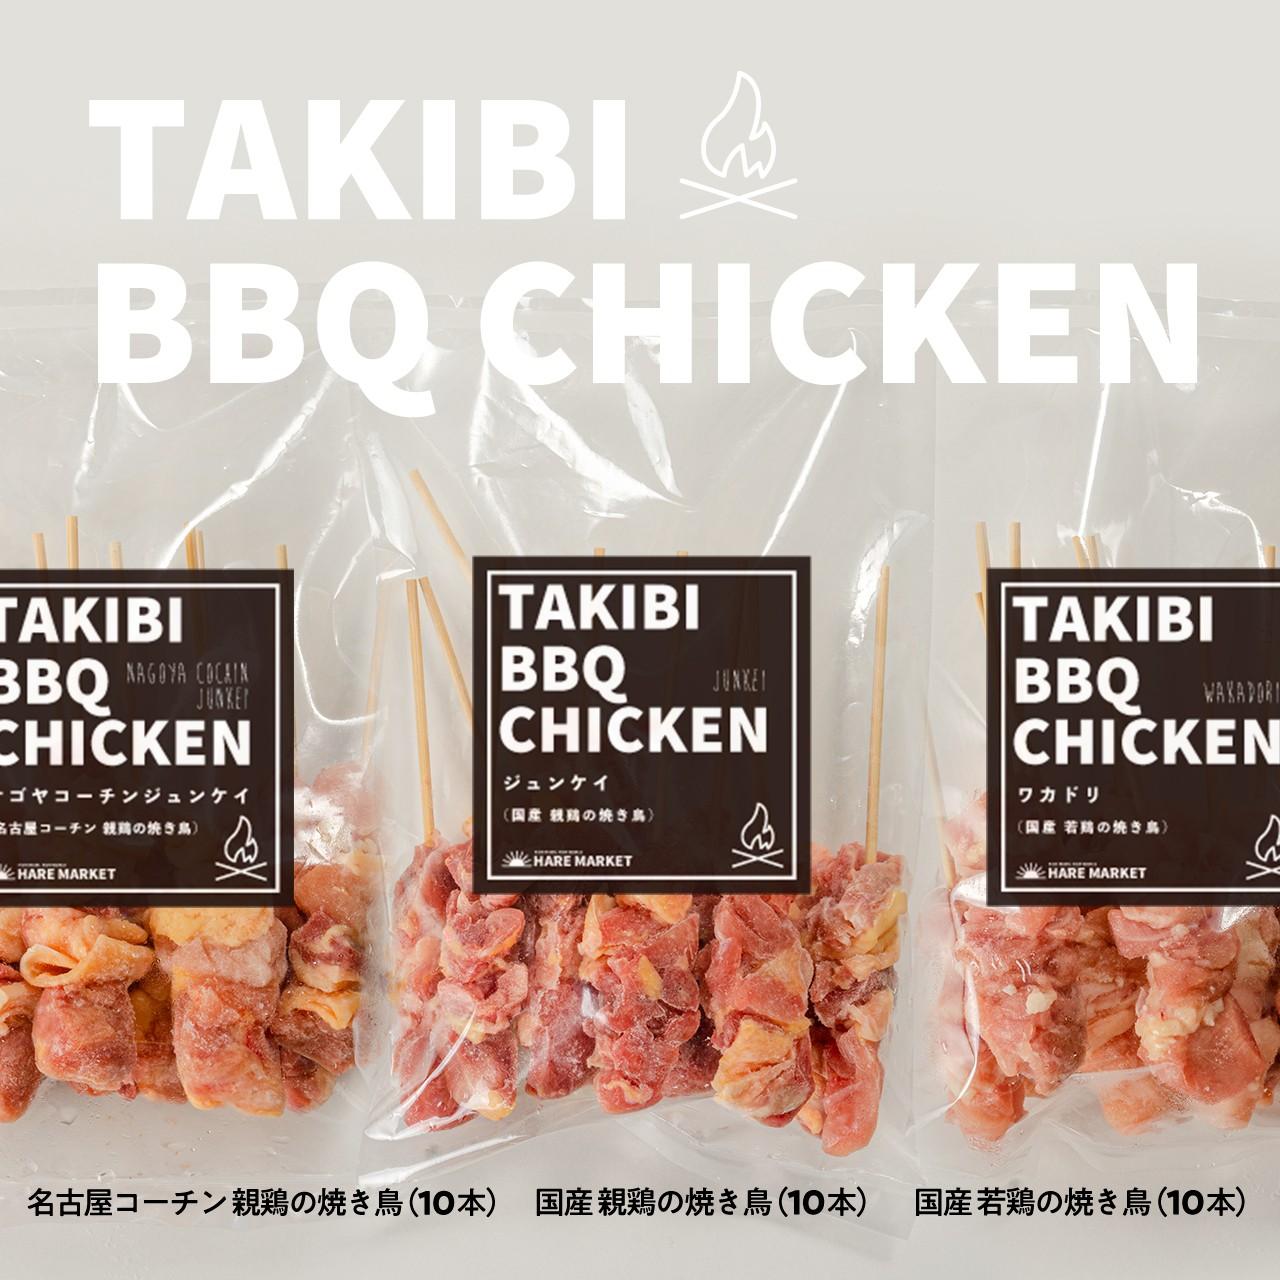 【スタッフおすすめ!】TAKIBI BBQ CHICKEN 3種セット